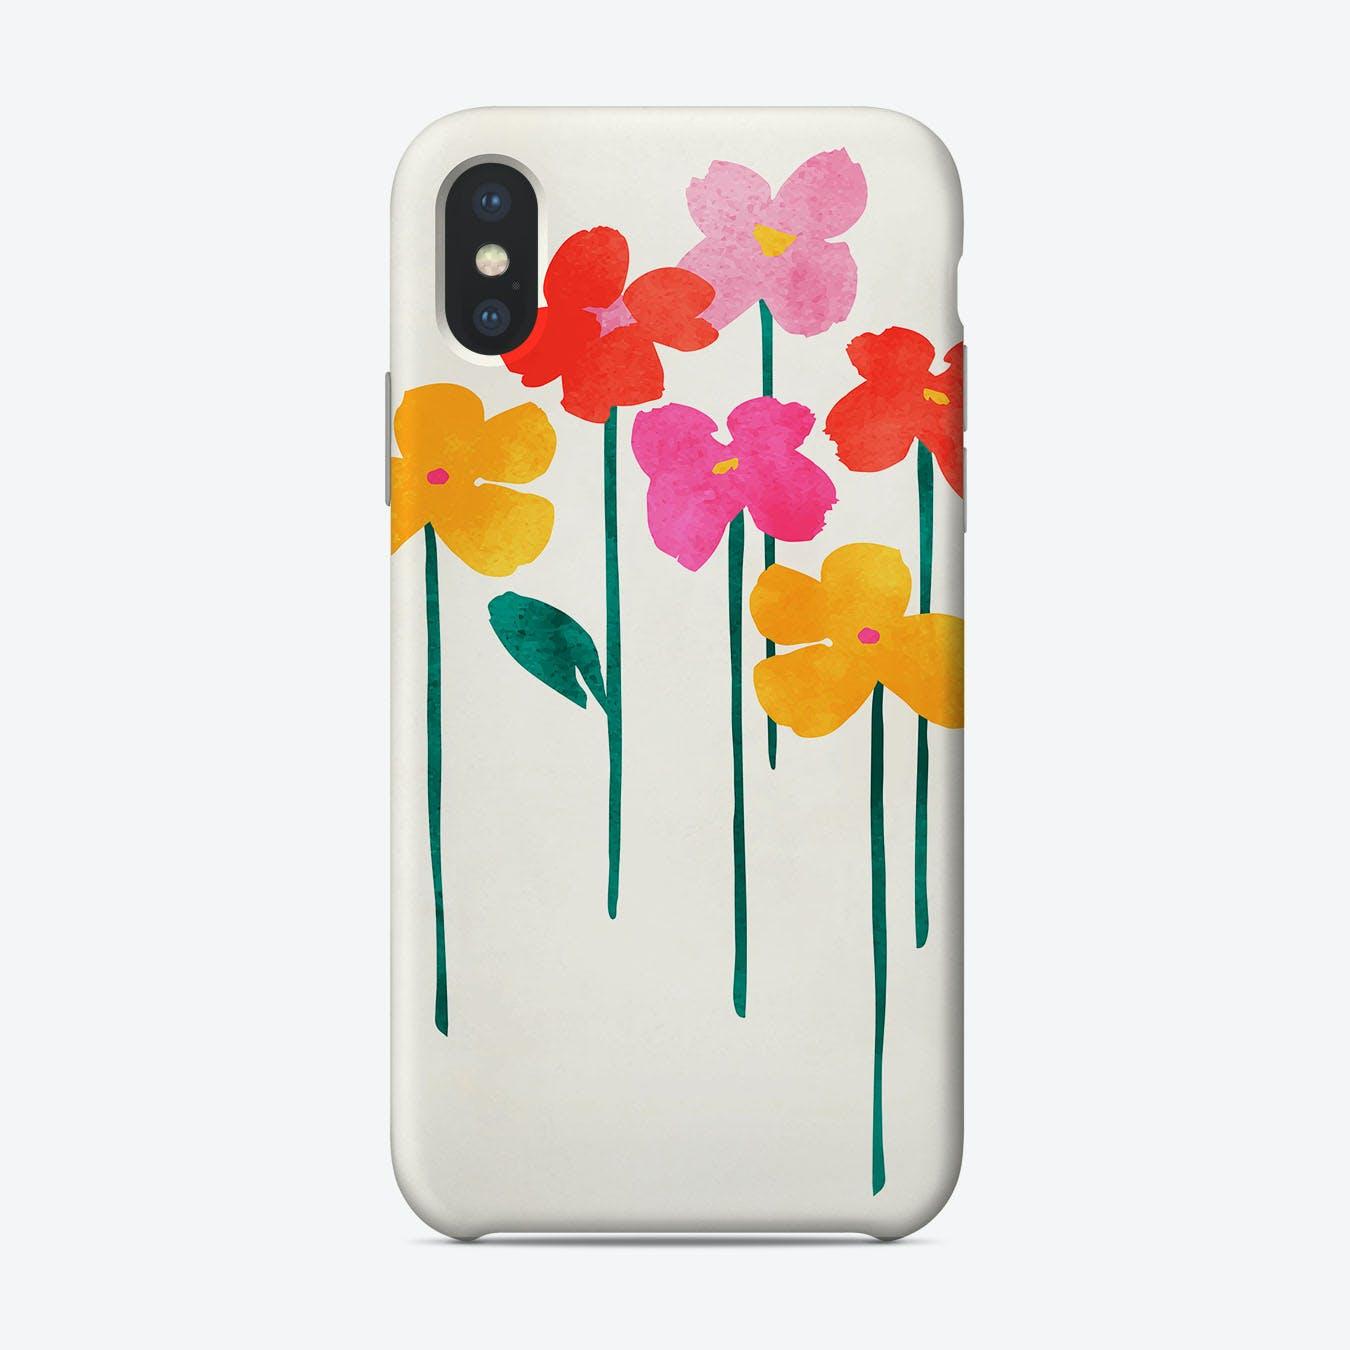 Happy Flowers Phone Case